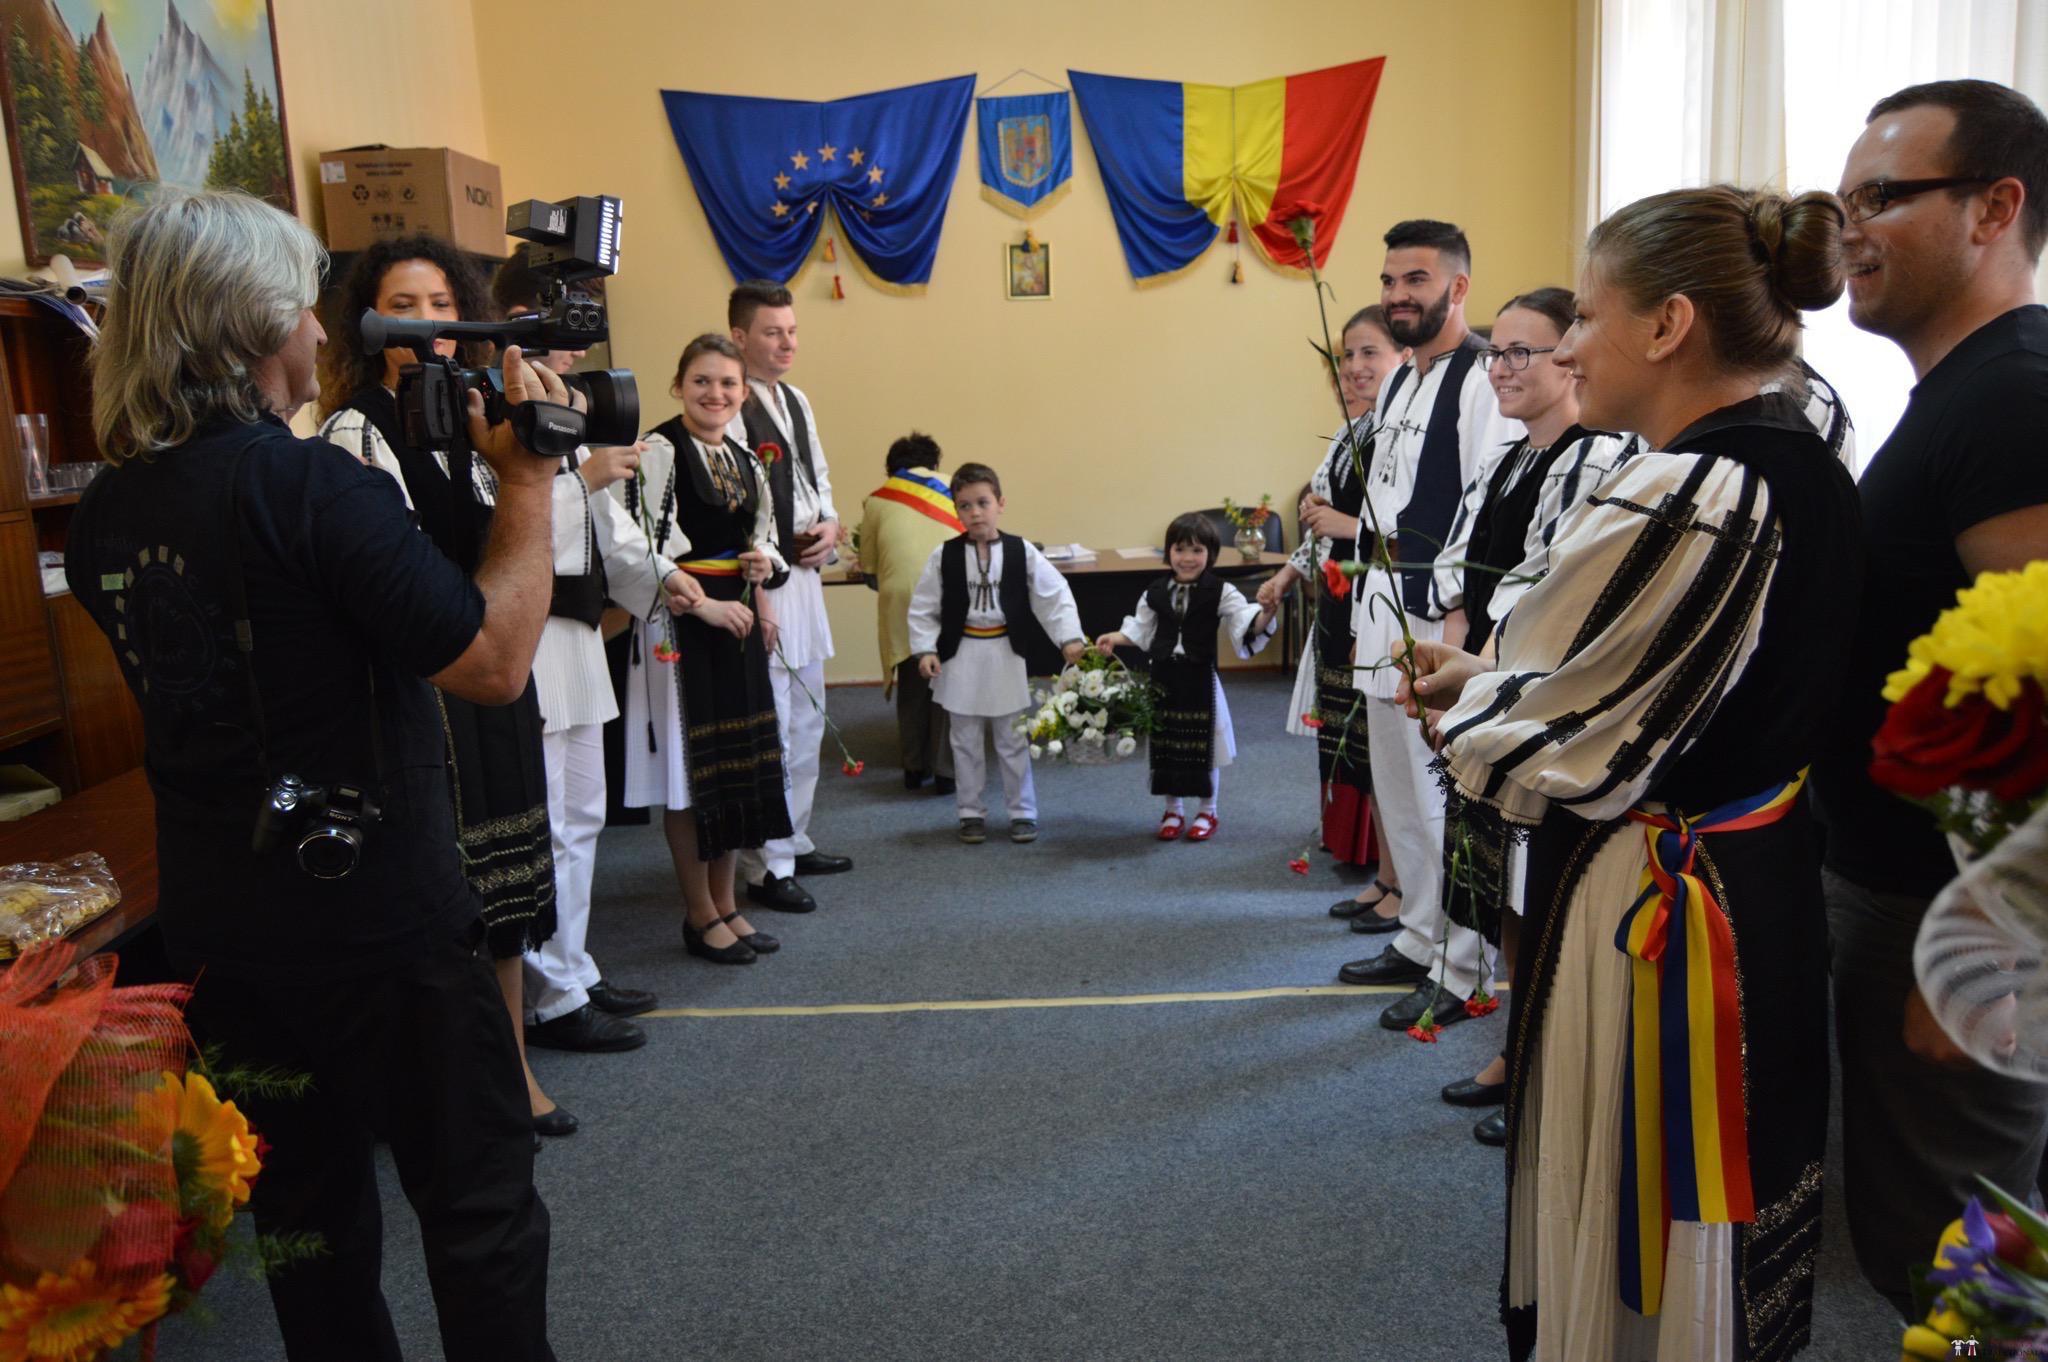 Povești Nunți Tradiționale - Constantin și Simona-Marilena. Nuntă tradițională în Căpâlna, Alba 18